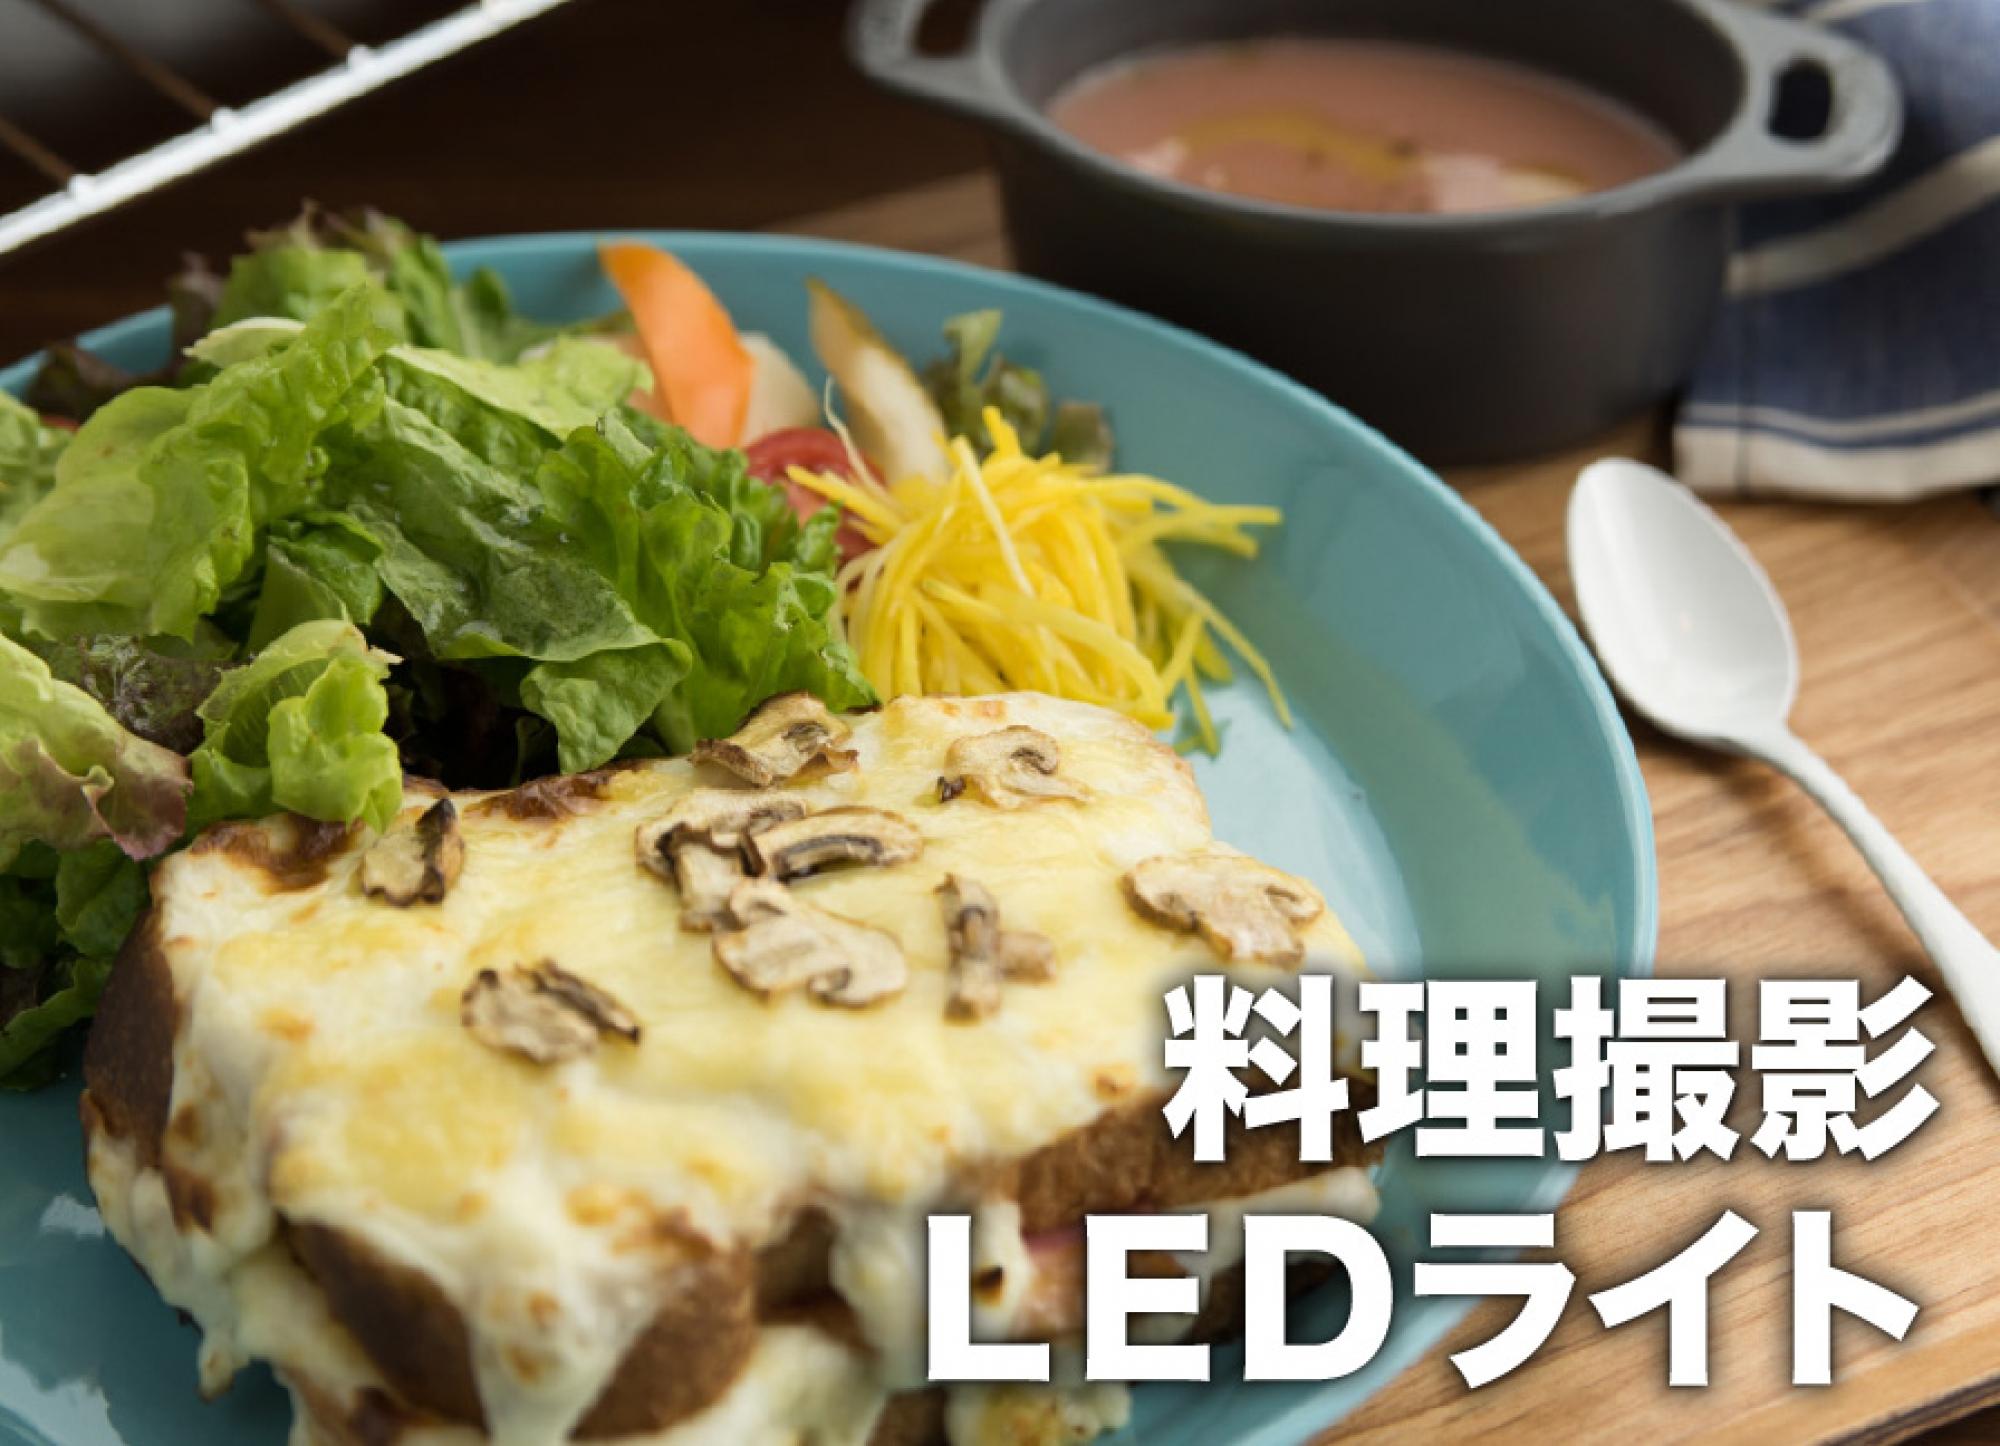 LEDライトで料理撮影 定常光ならスマホ・コンデジでも写真が撮れます